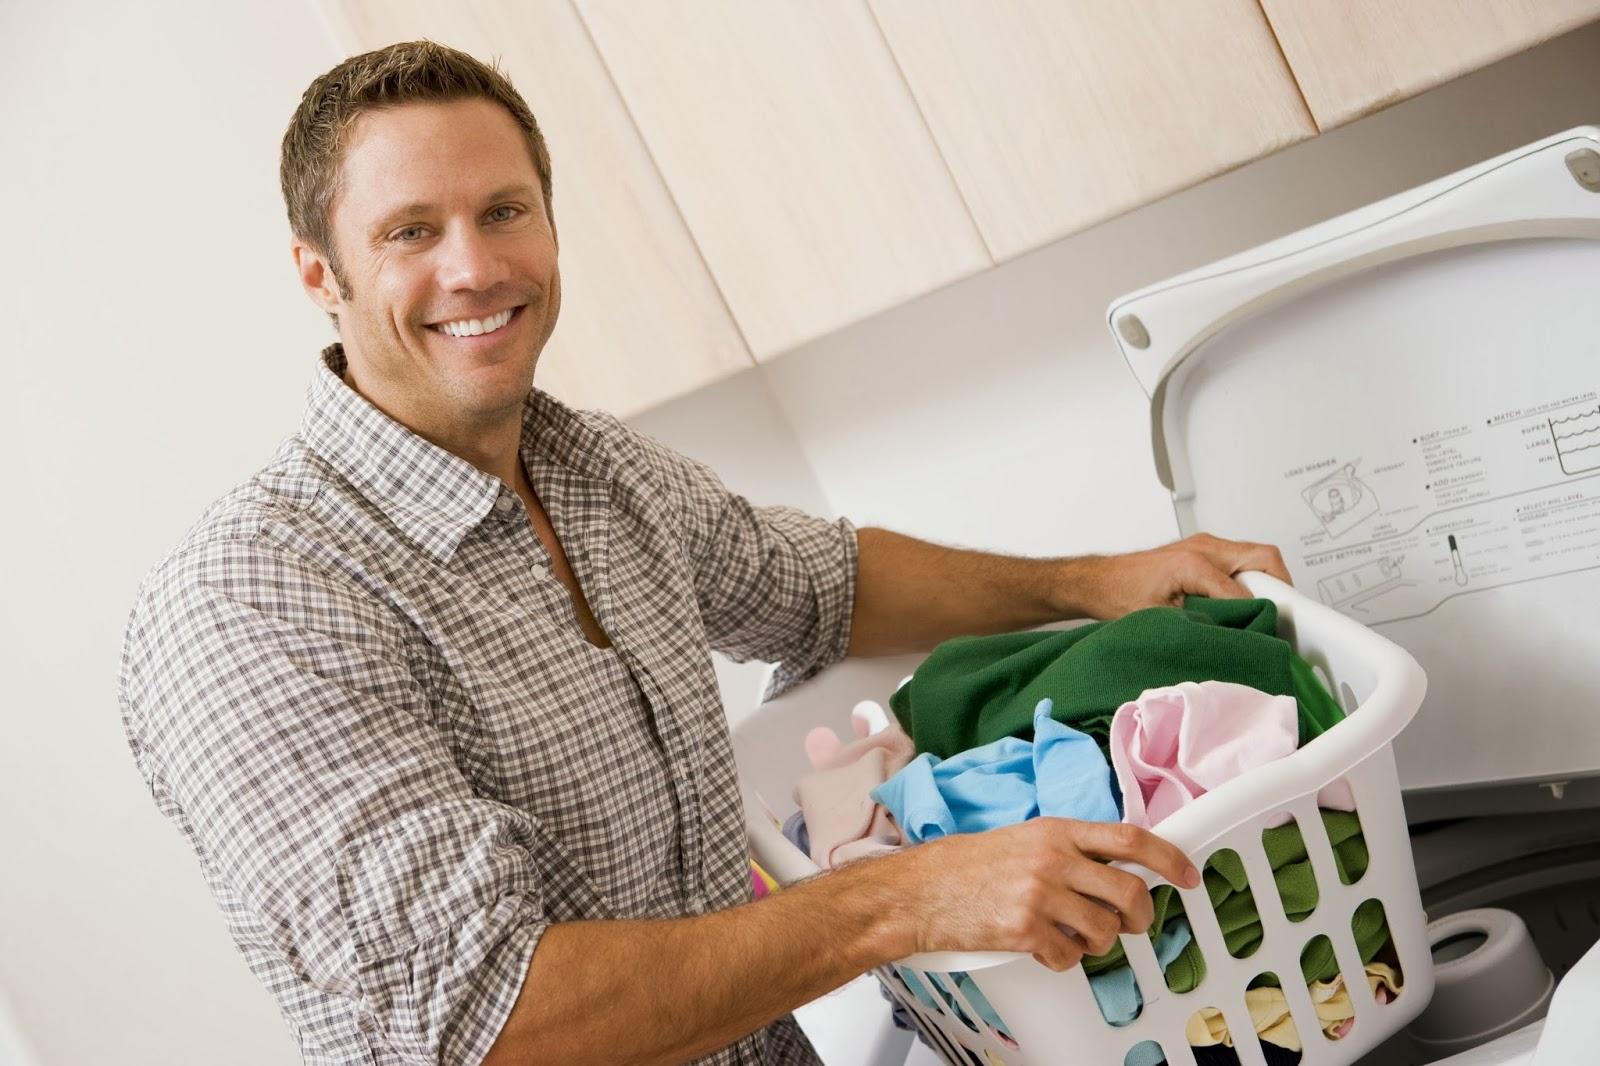 how to get kawakami to do laundry